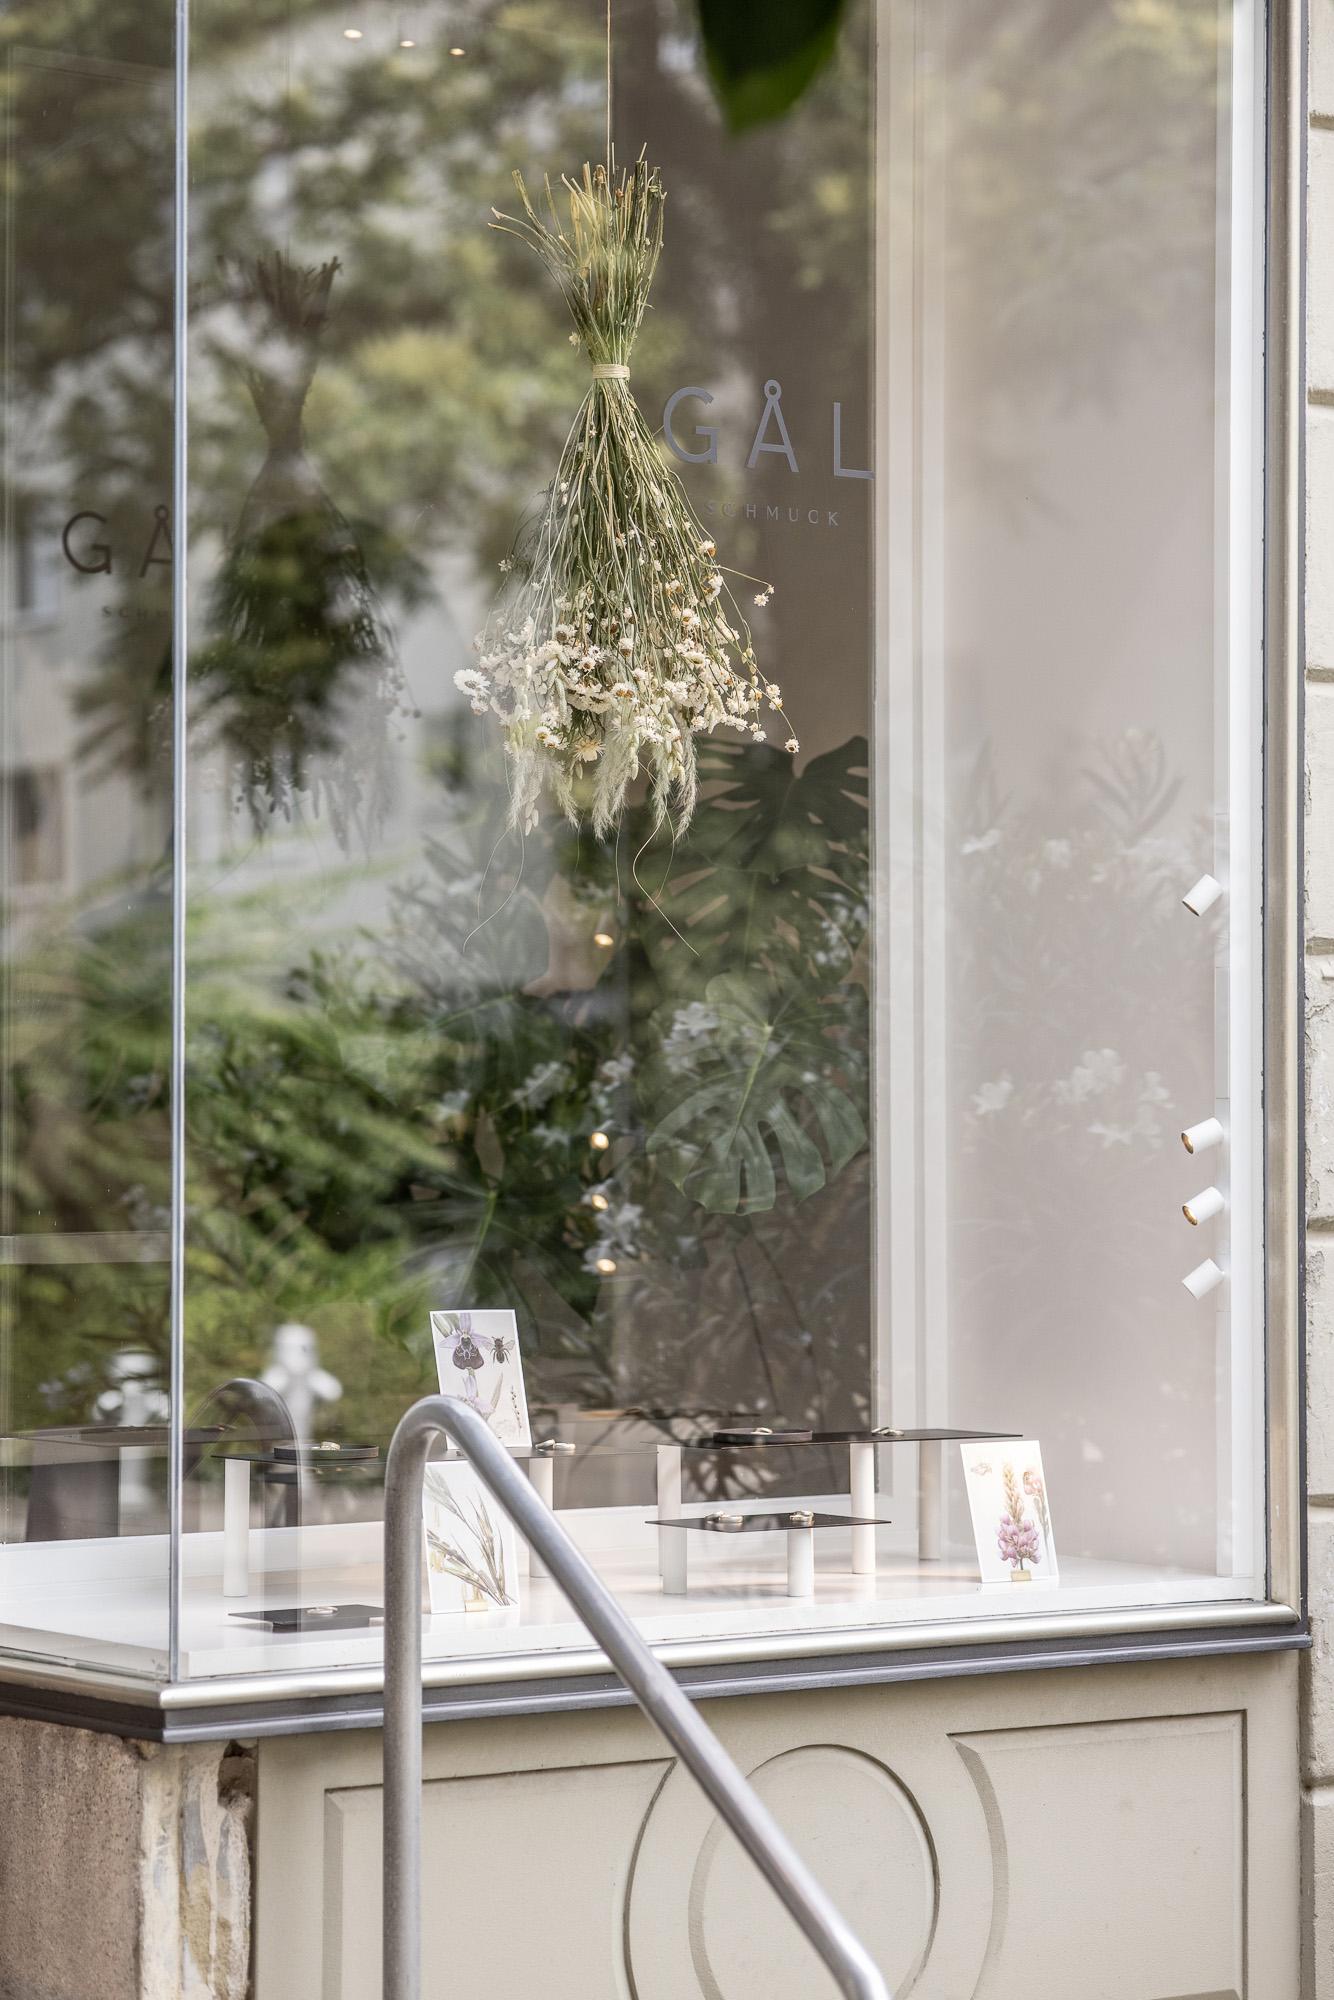 Foto vom Schaufenster des Goldschmiedeateliers mit Schmuckstücken und Trockeblumen ausgestellt